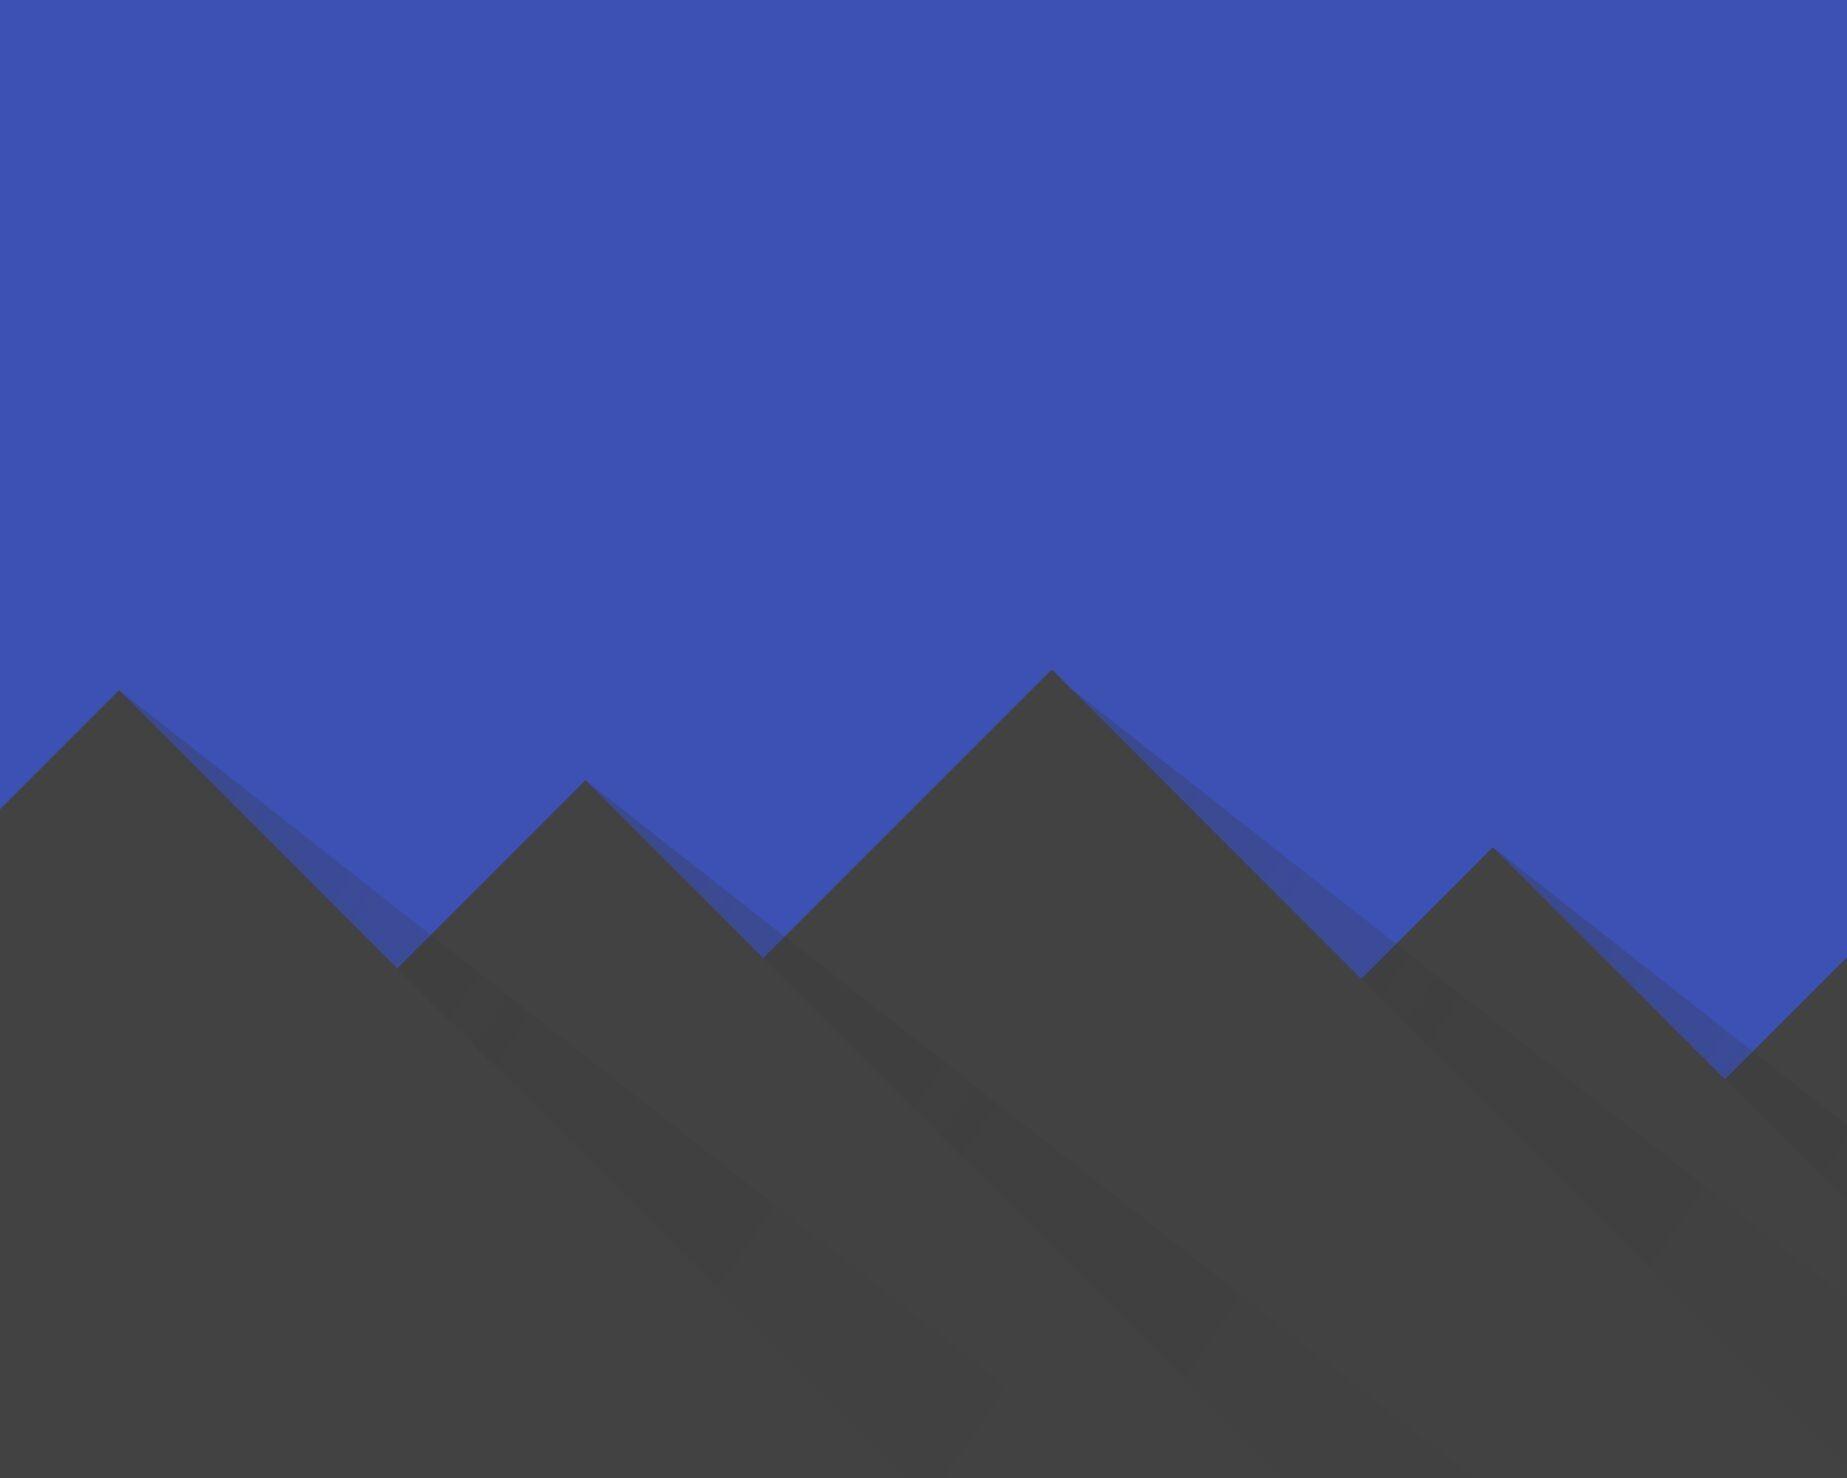 Material Hills dark -- wallpaper